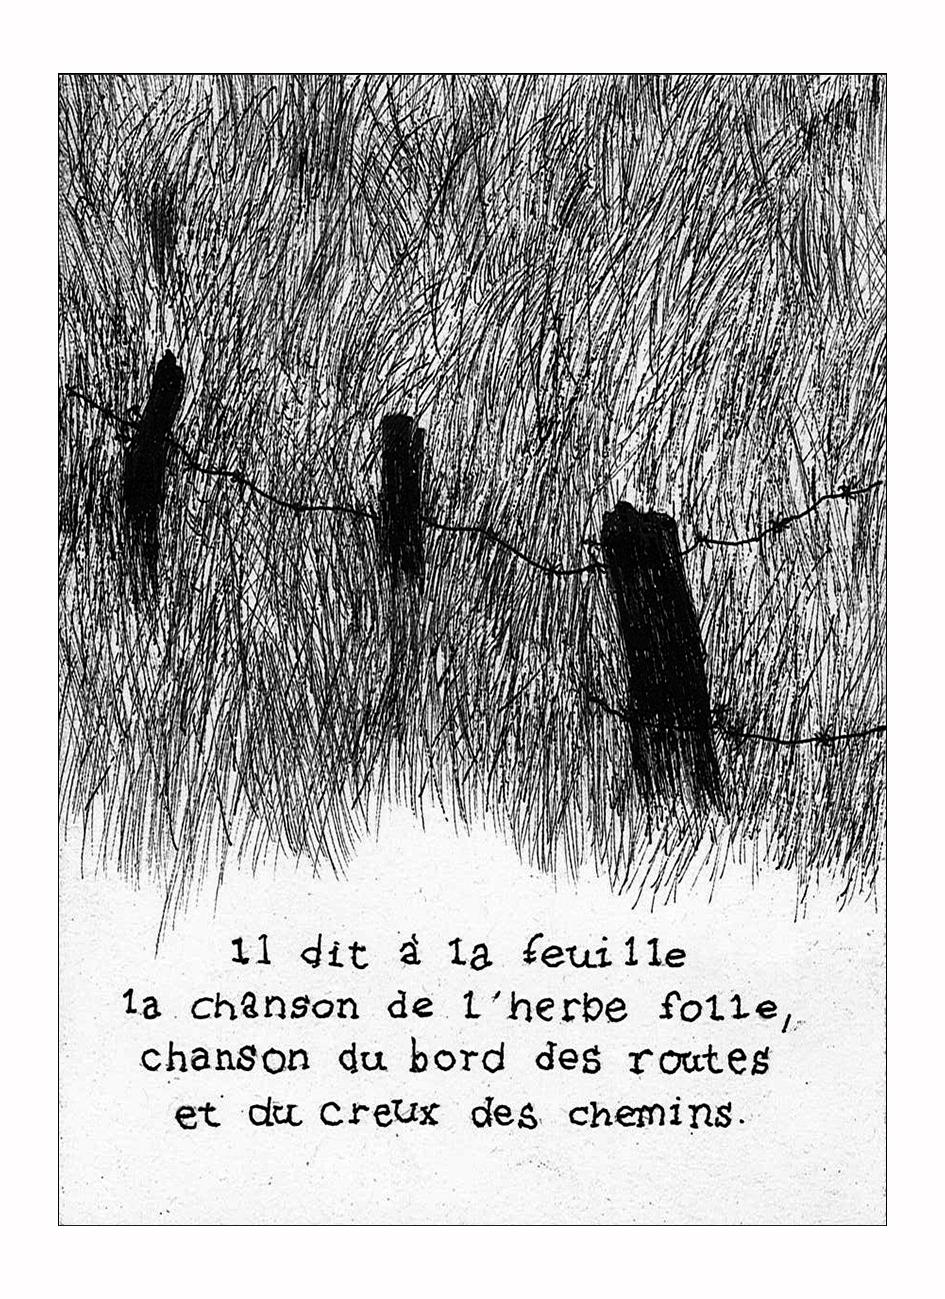 le vent et la poule - aymeric hainaux - 2014 - 03